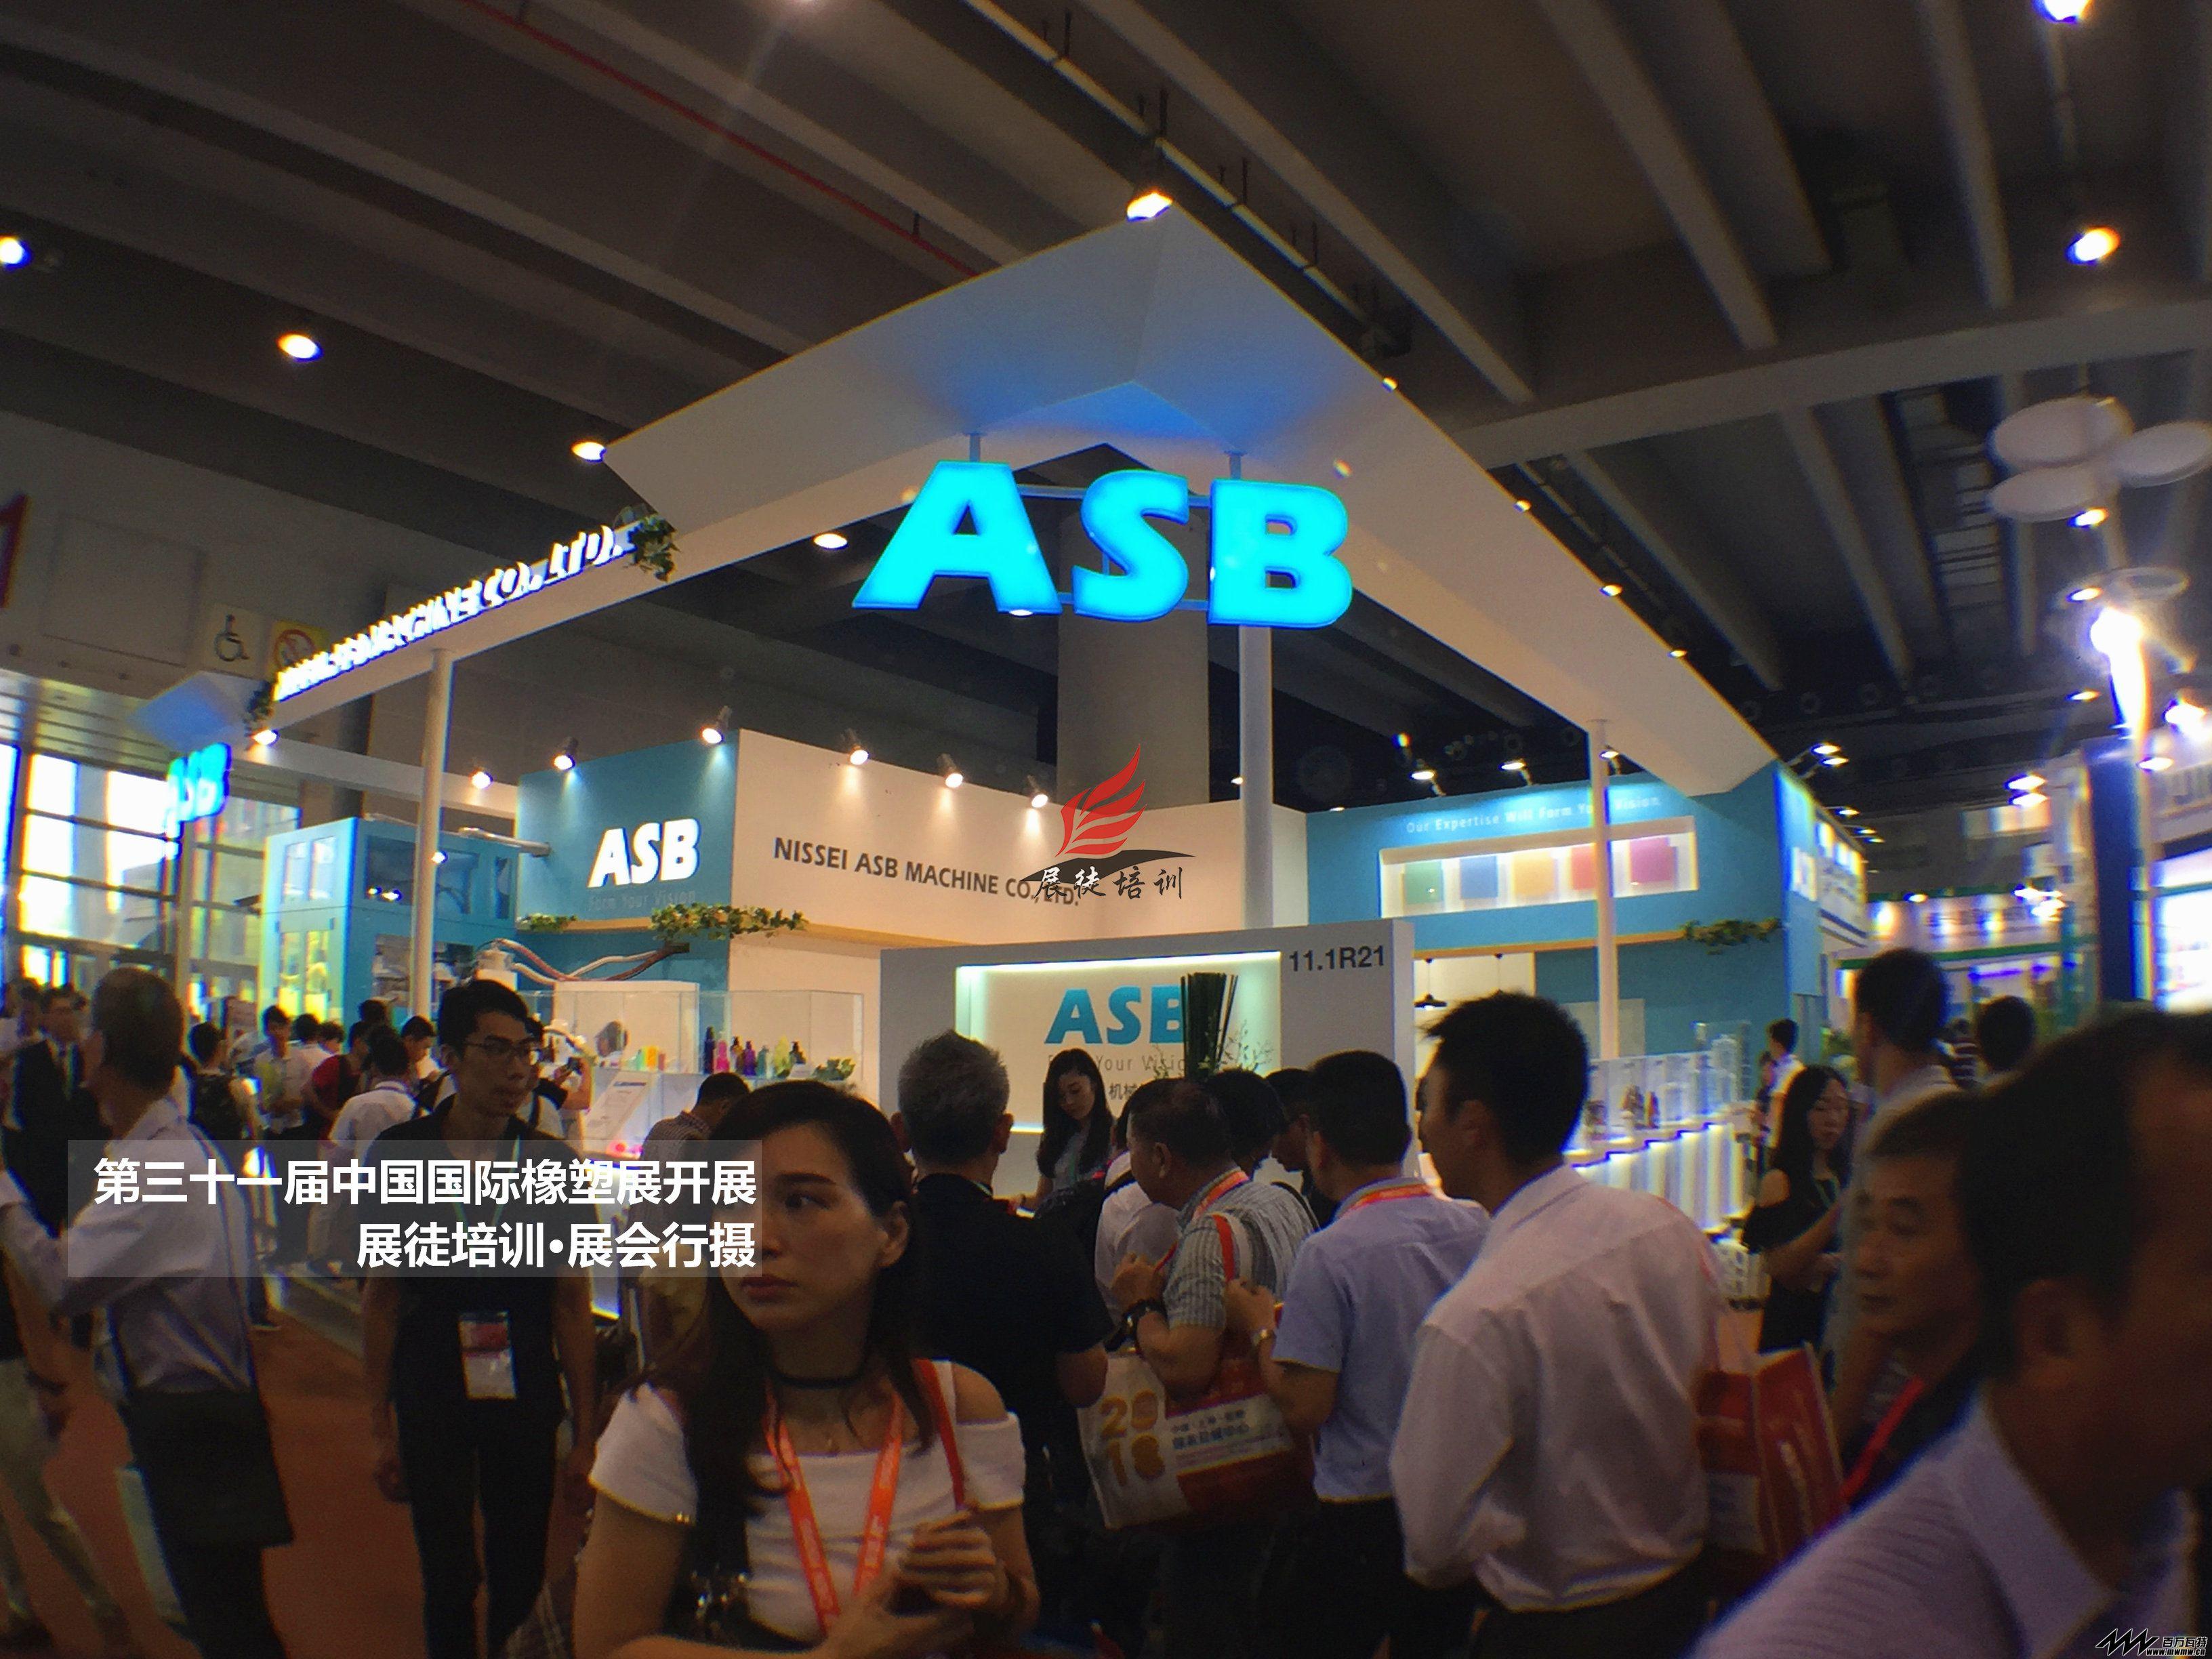 2017第三十一届中国国际橡塑展·展徒培训·展会行摄 (2) - 副本.JPG